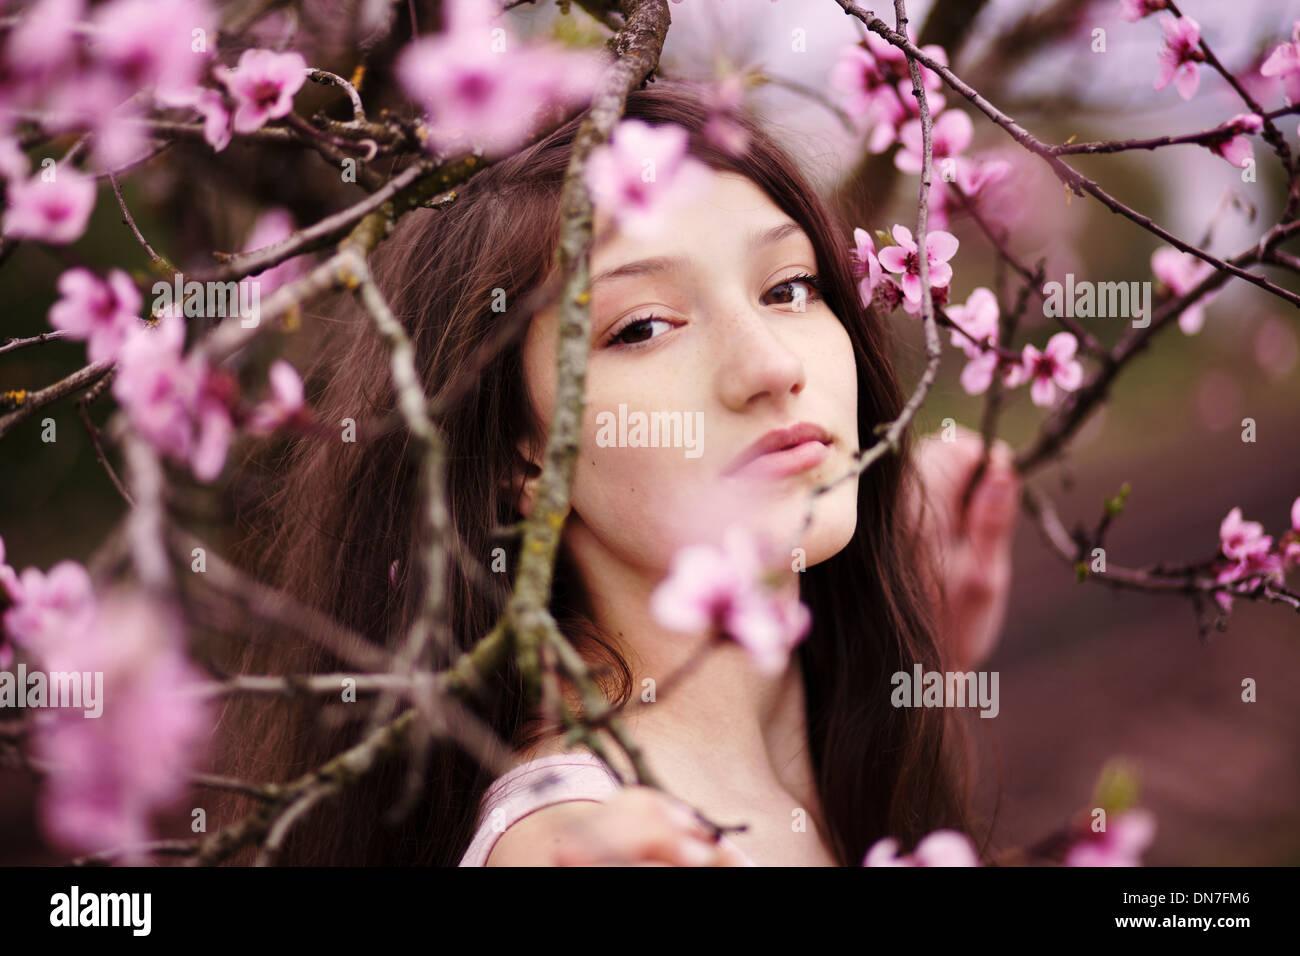 Fille aux fleurs de cerisier, portrait Photo Stock